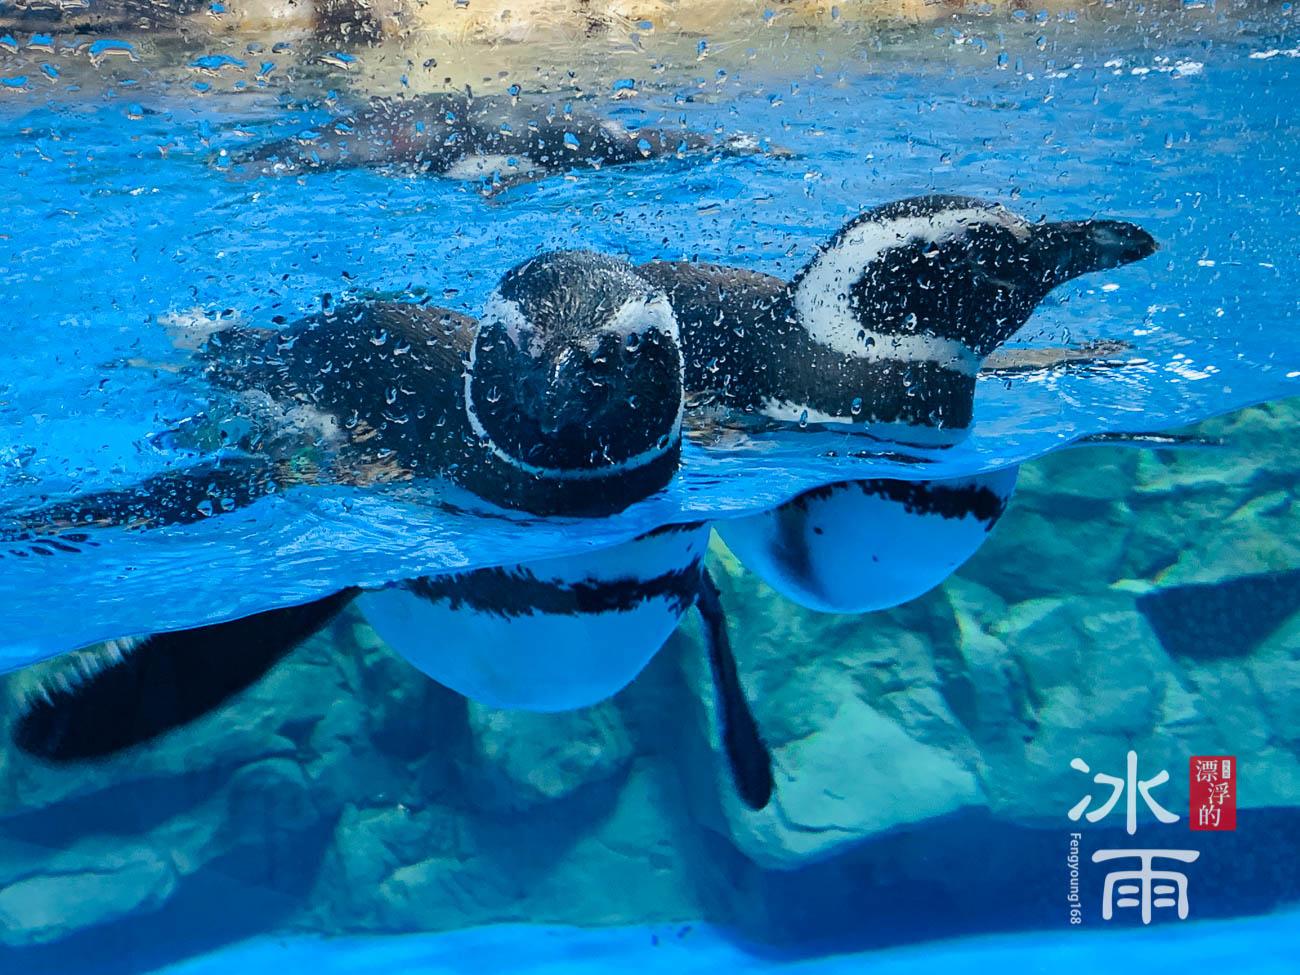 Xpark水族館|企鵝奇遇